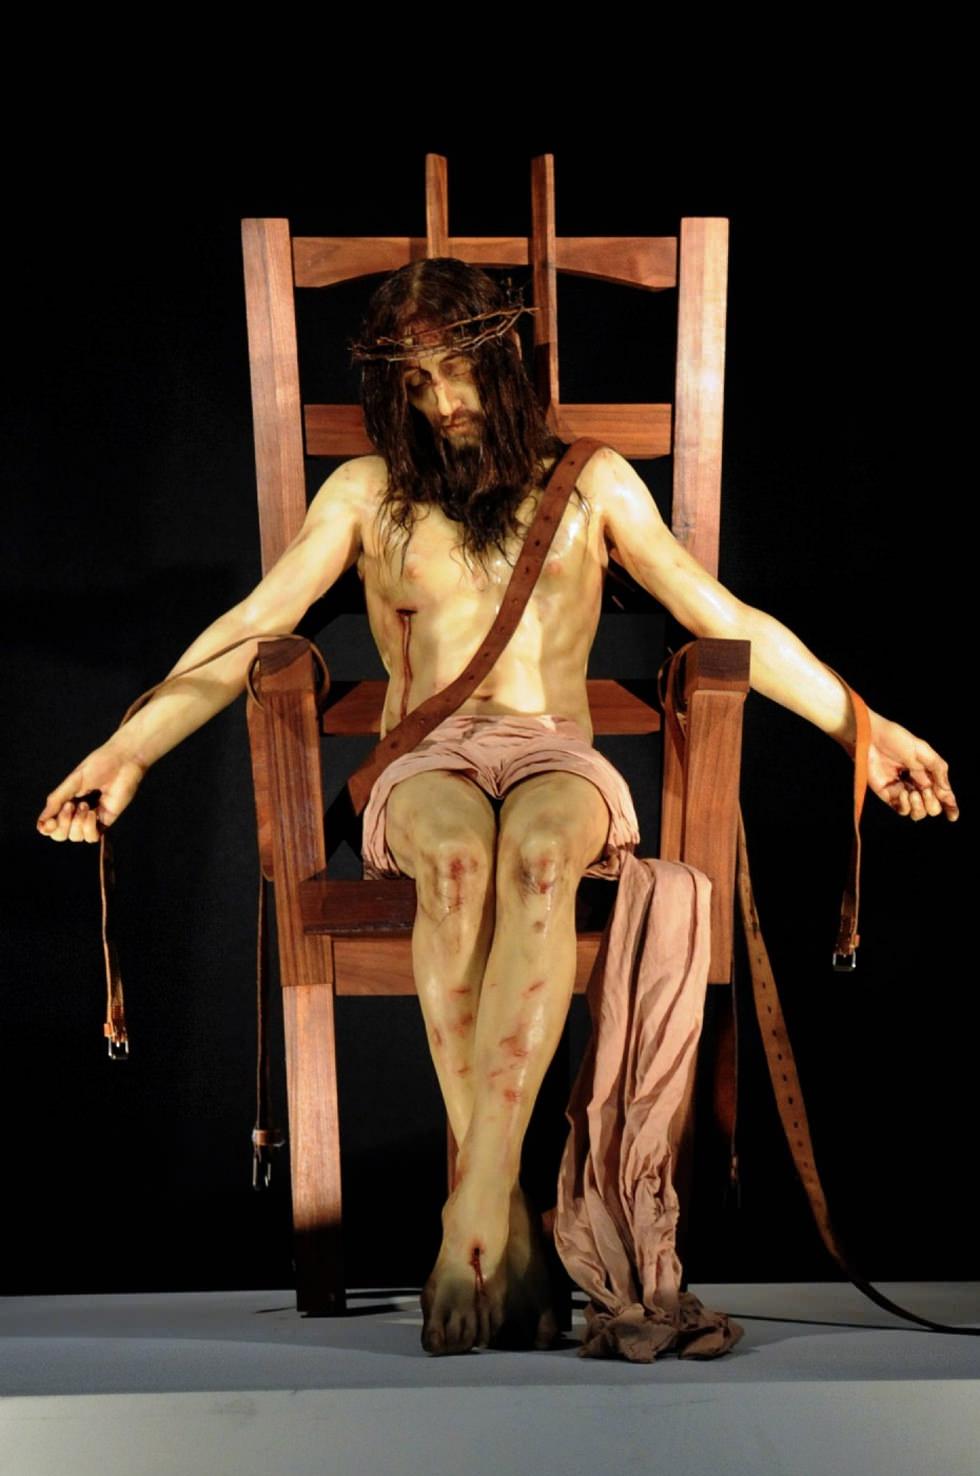 Jesucristo en la silla eléctrica